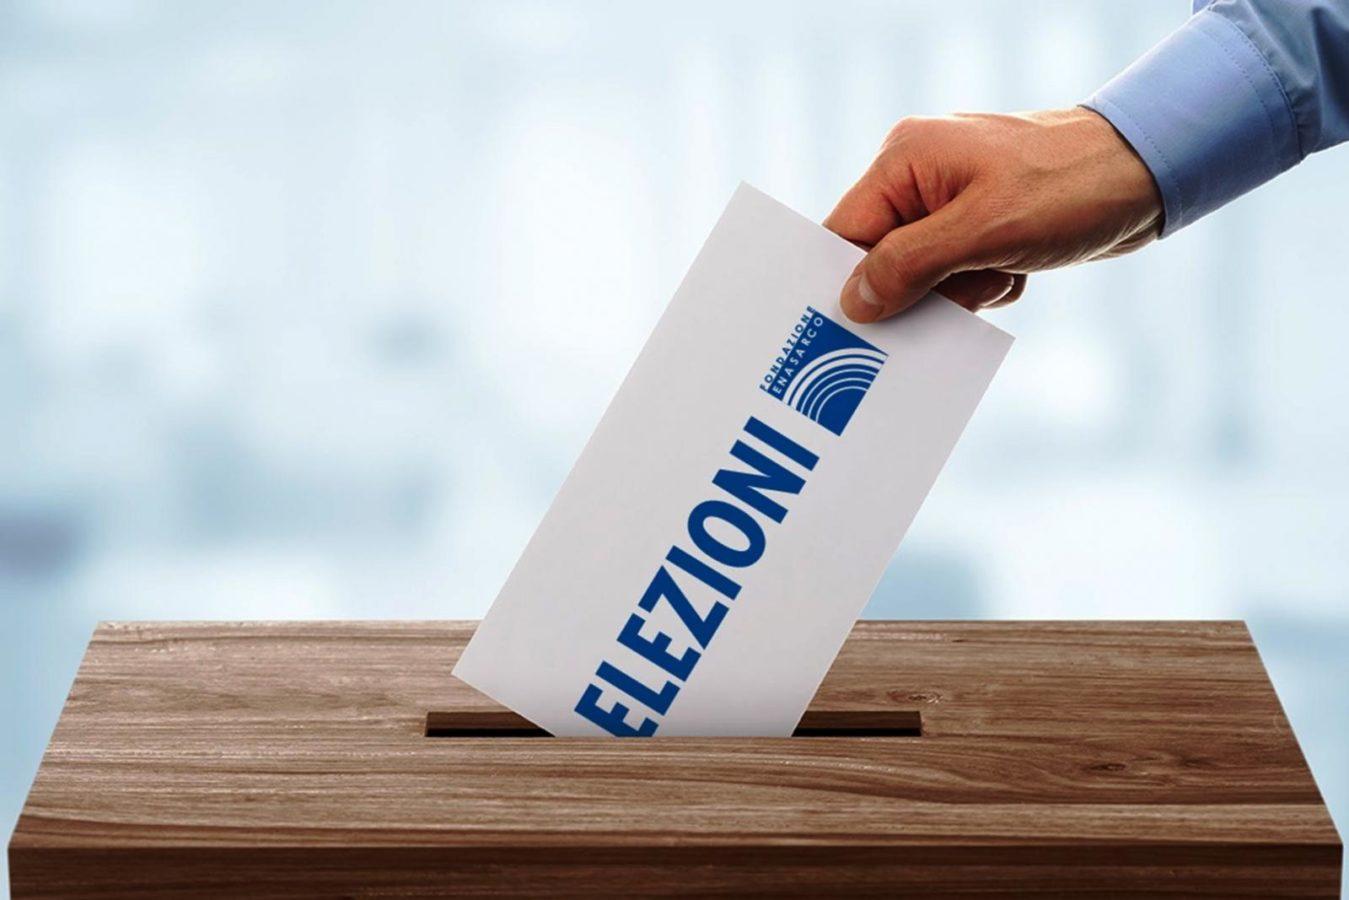 Elezioni Enasarco rinviate. I consiglieri di minoranza impugnano formalmente il rinvio delle elezioni.